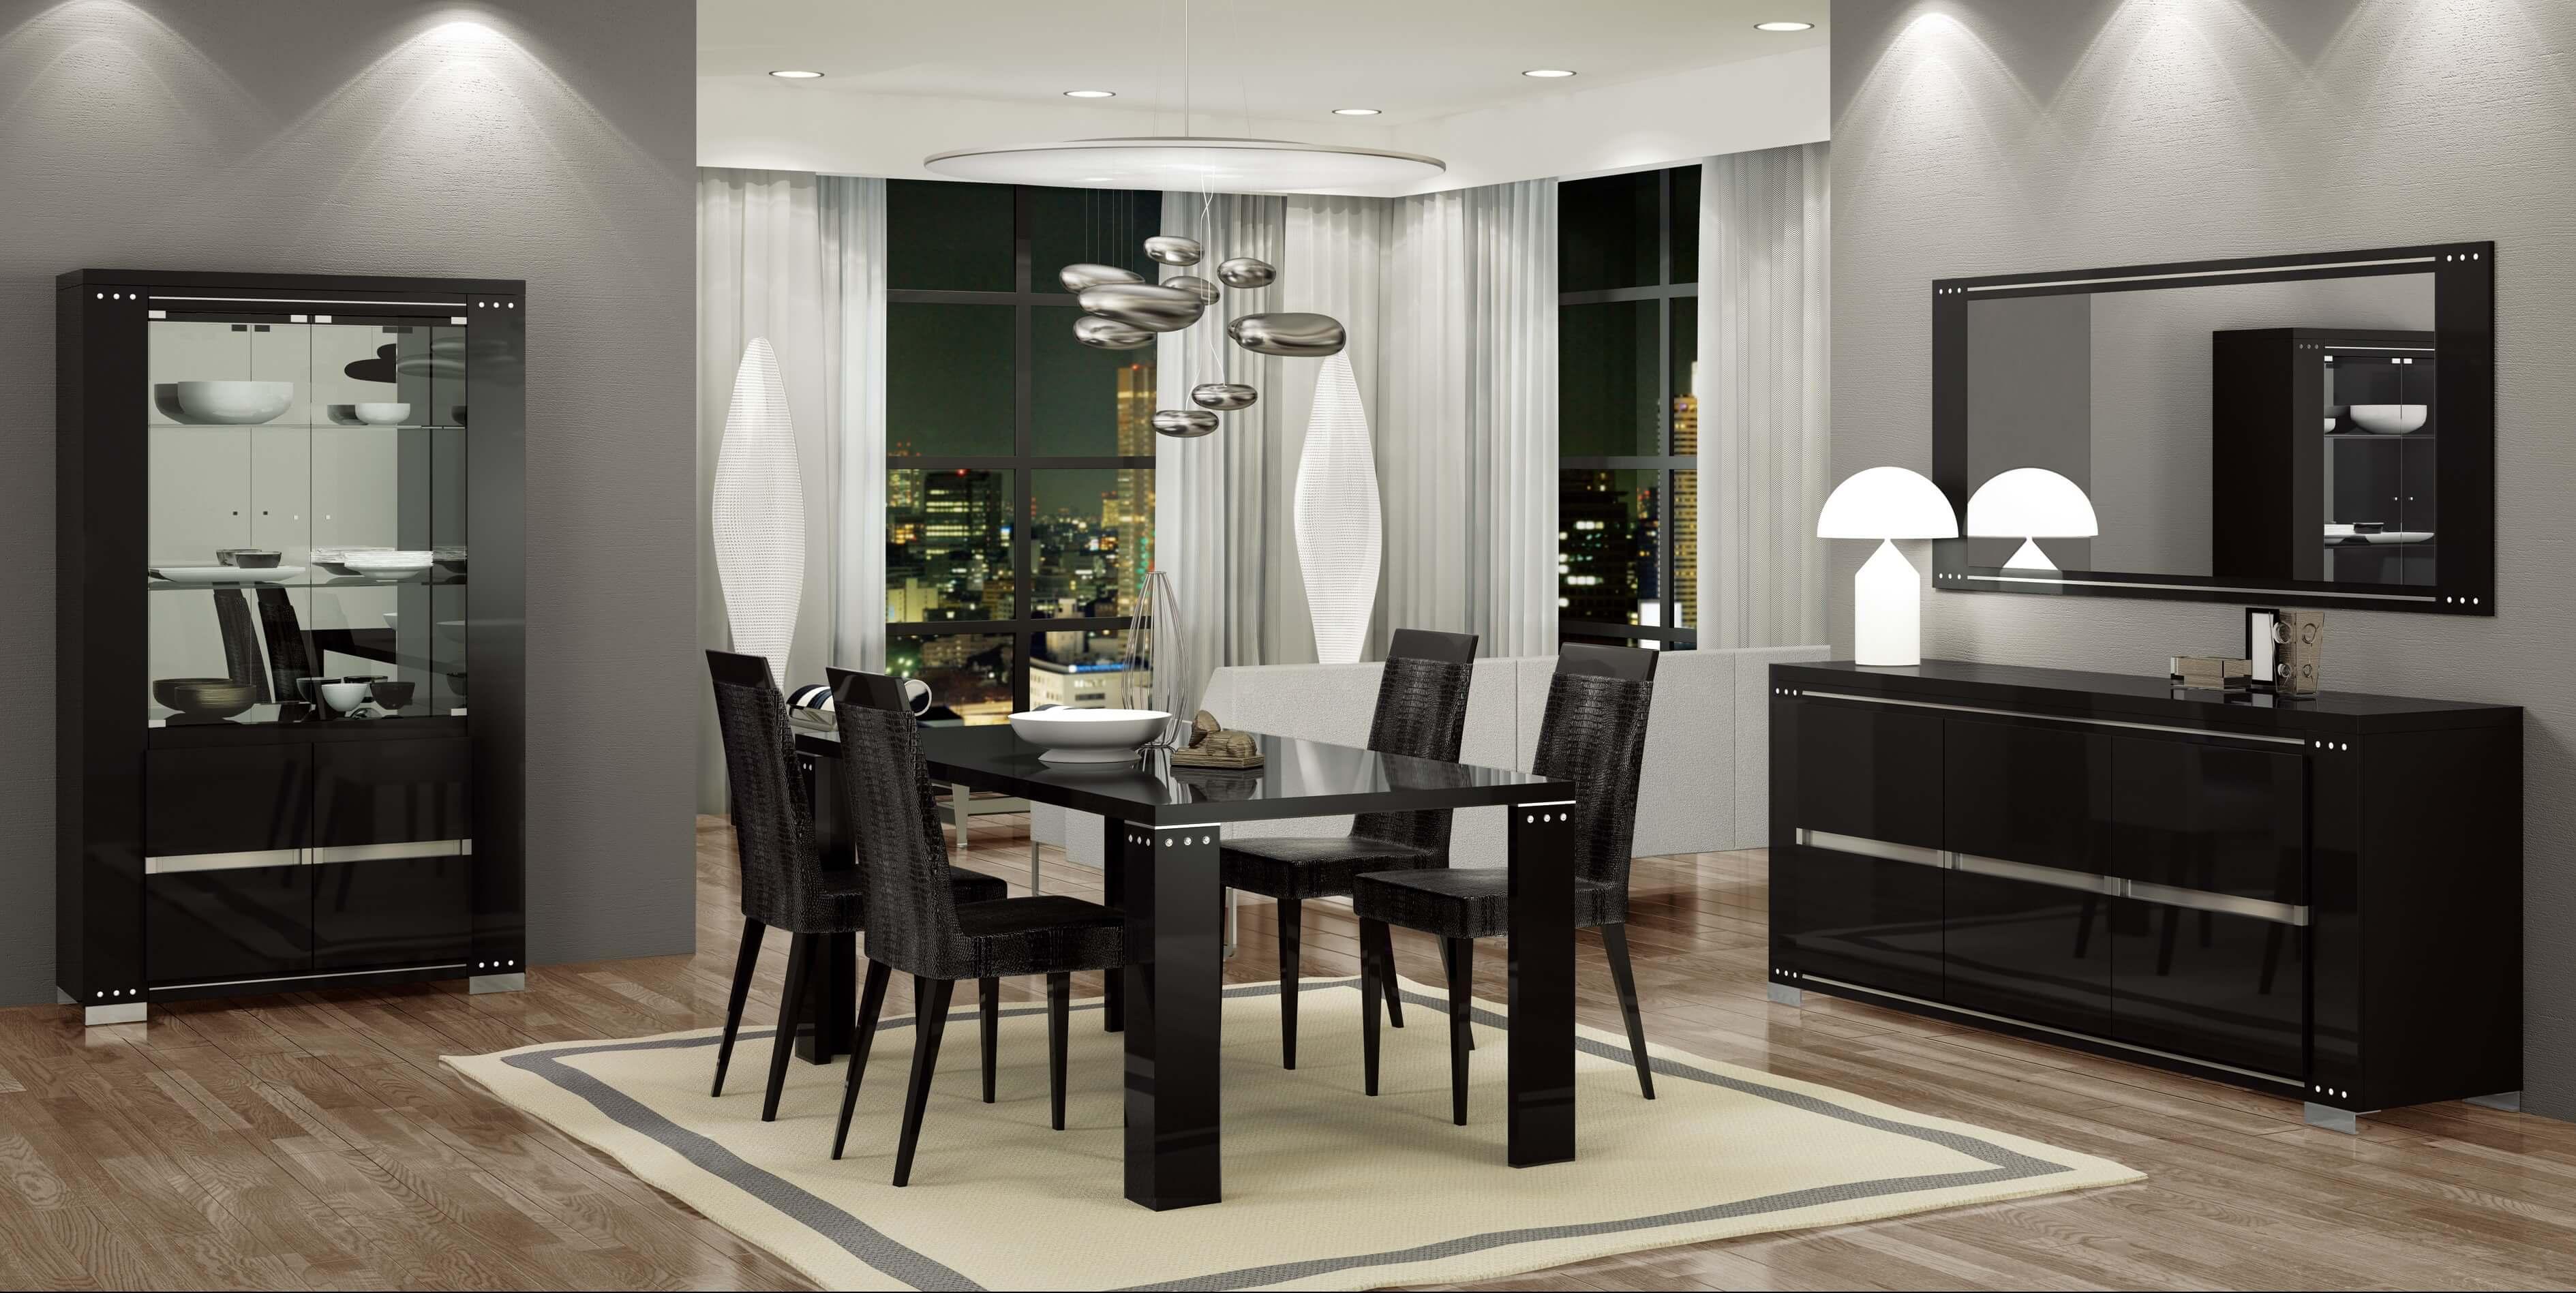 armonia diamond dining room set black buy online at best price armonia diamond dining room set black buy online at best price sohomod